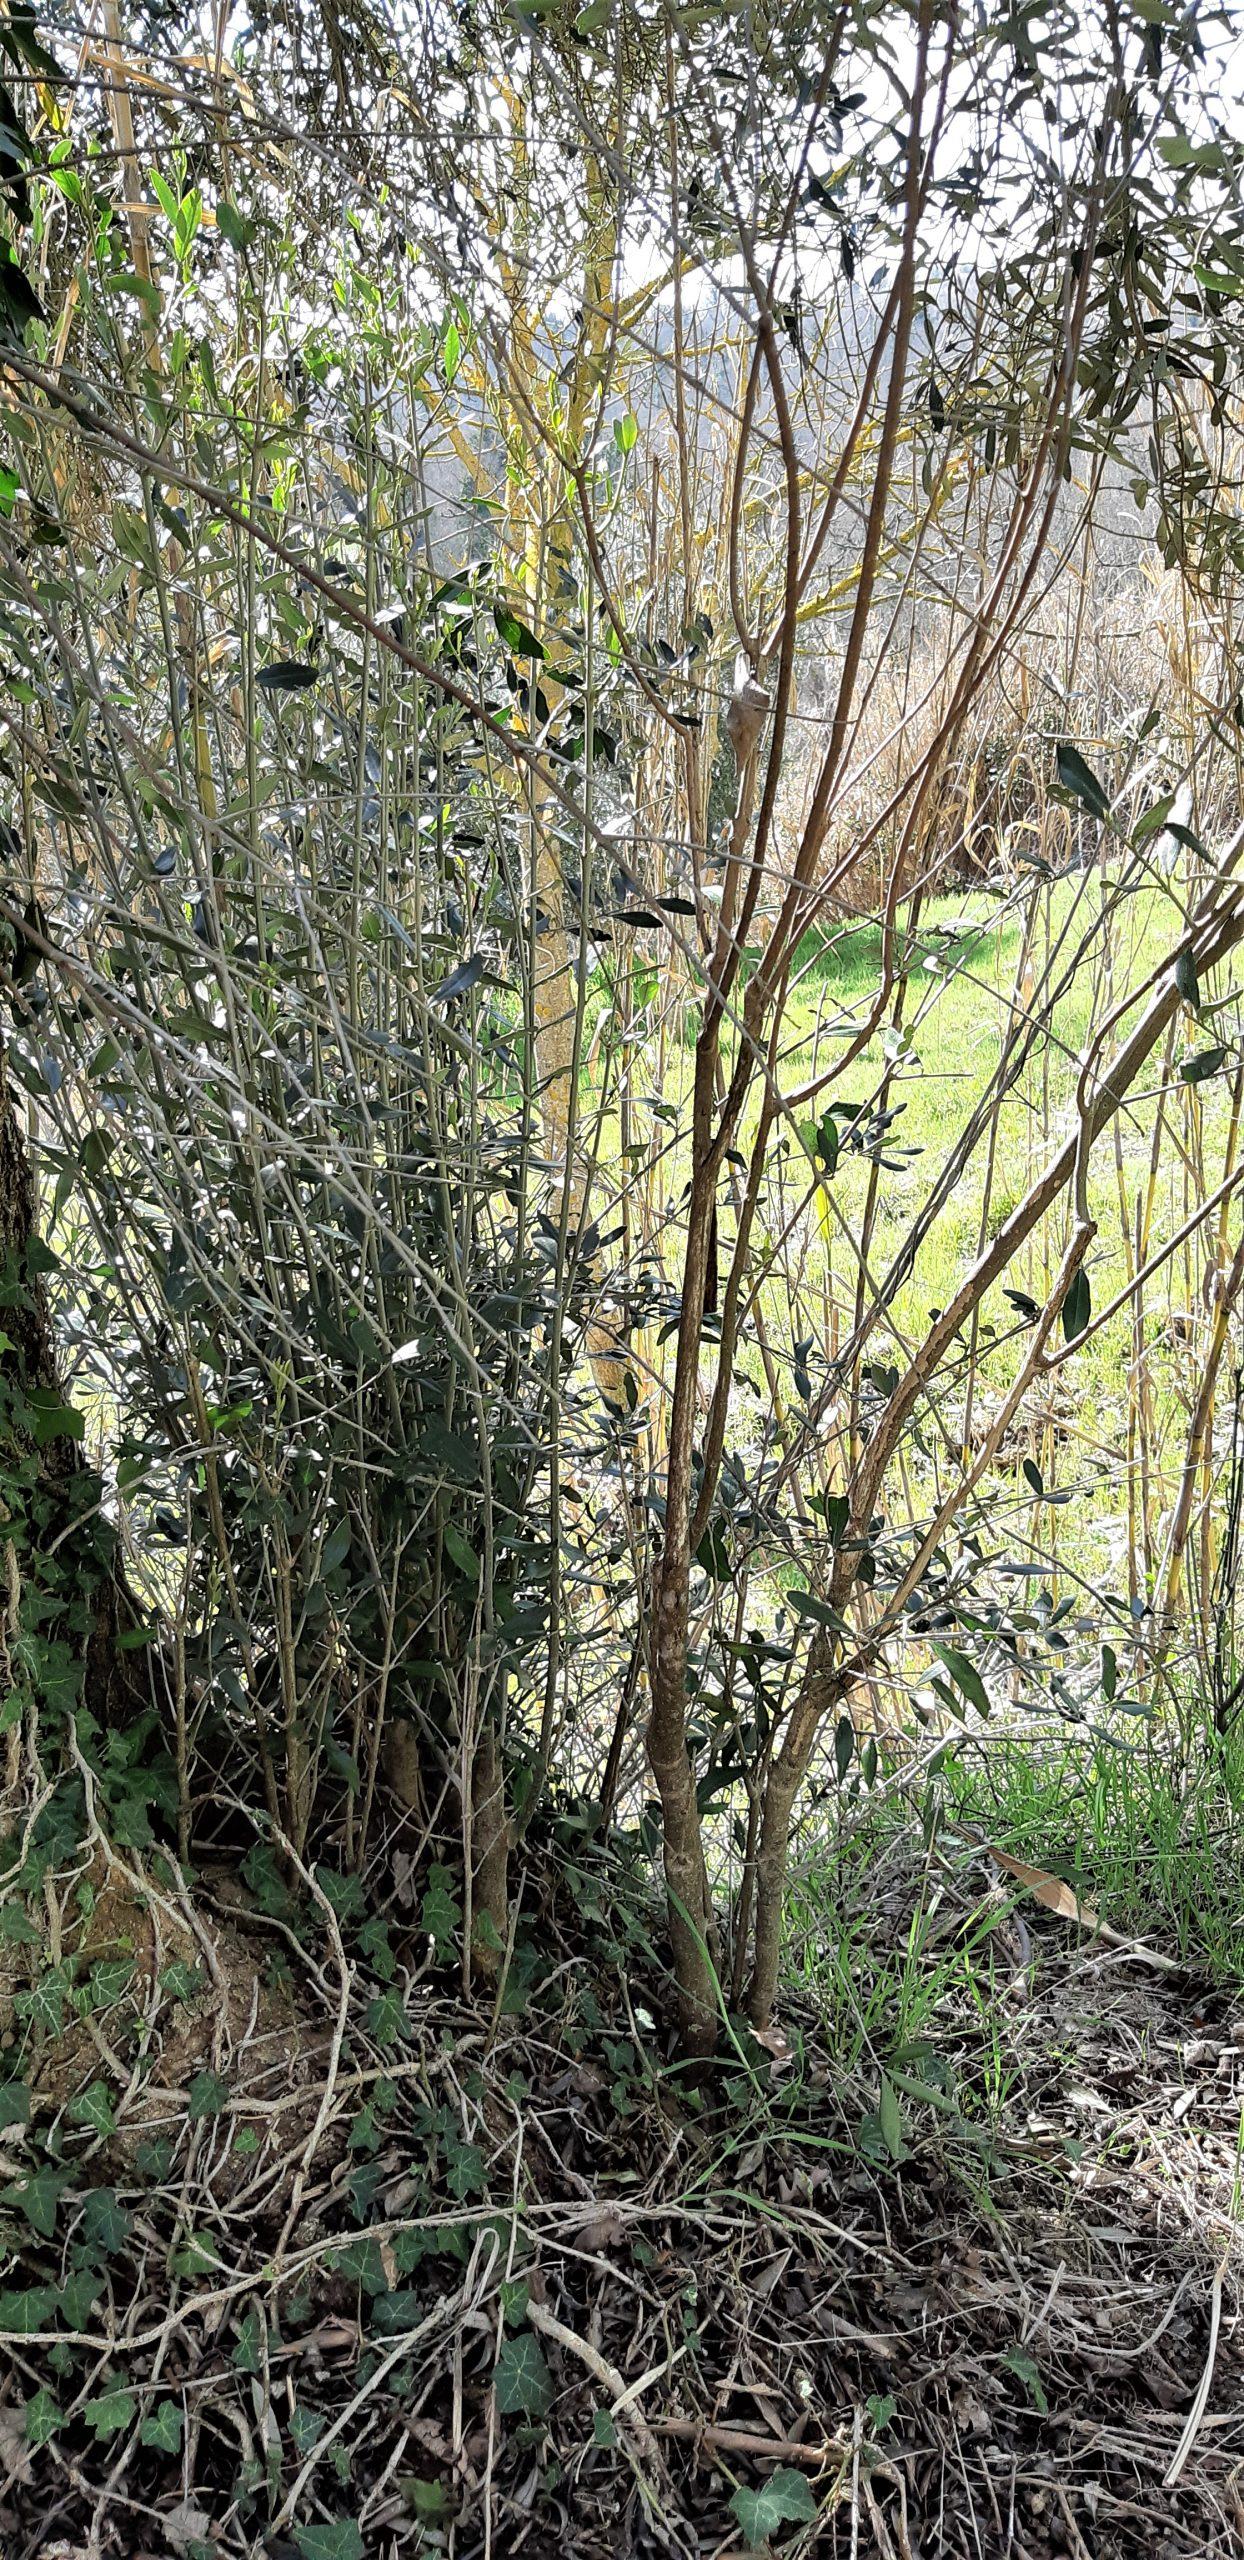 polloni alla base di un olivo centenario